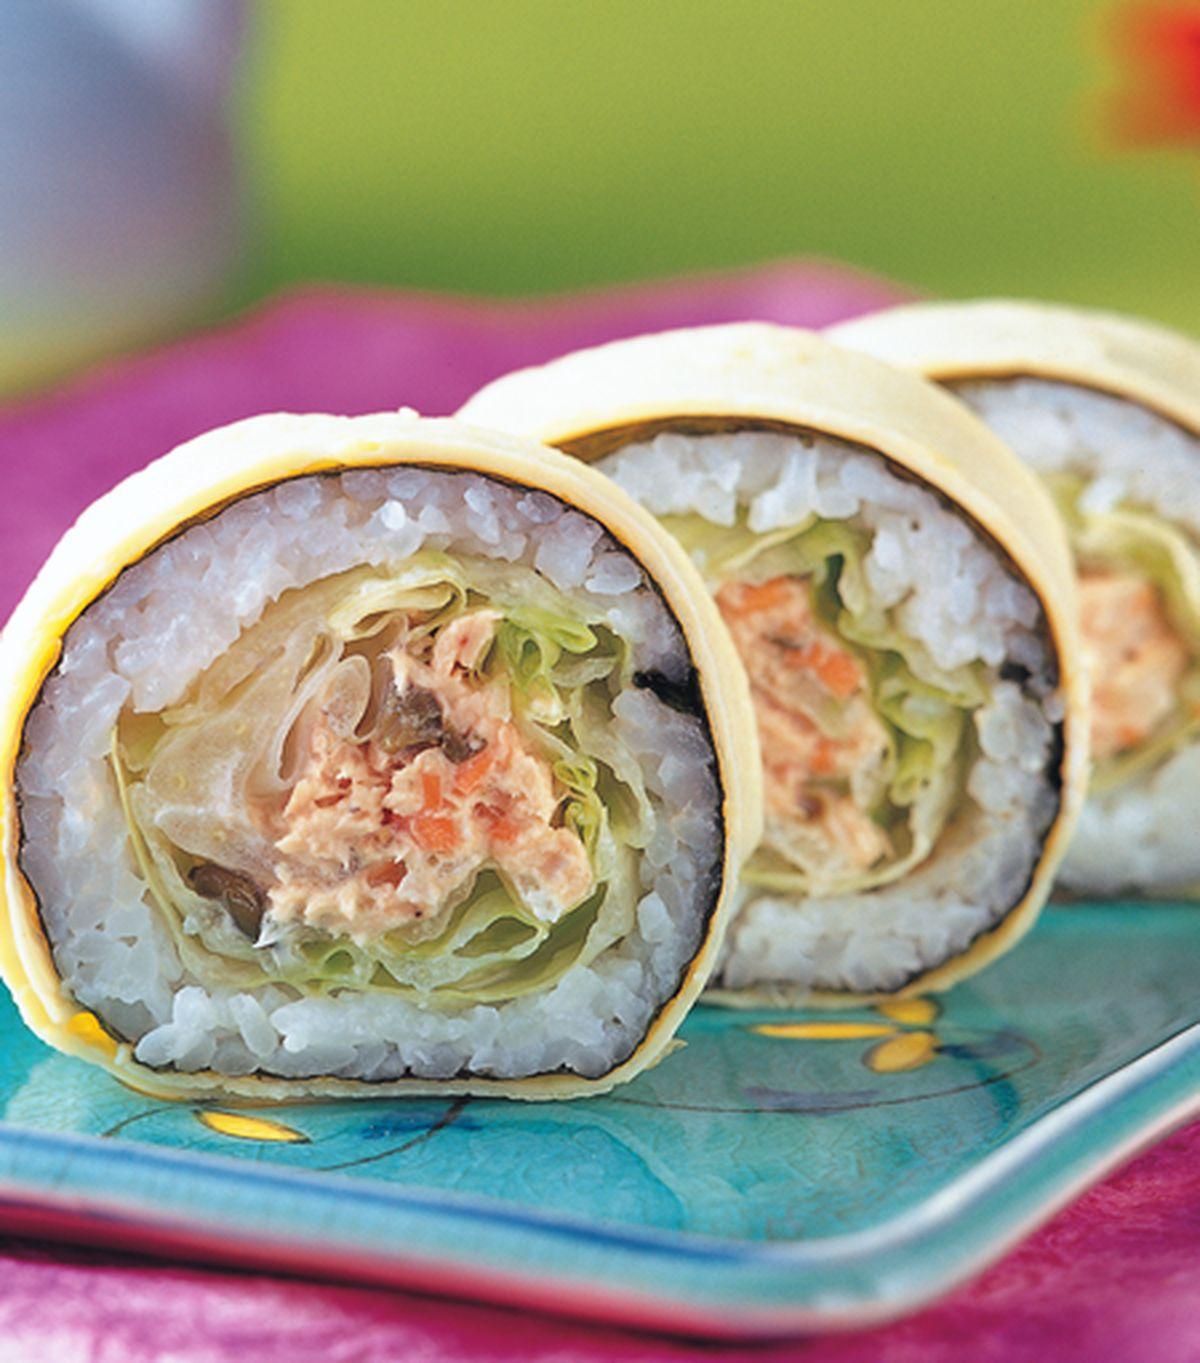 食譜:鮪魚美乃壽司卷